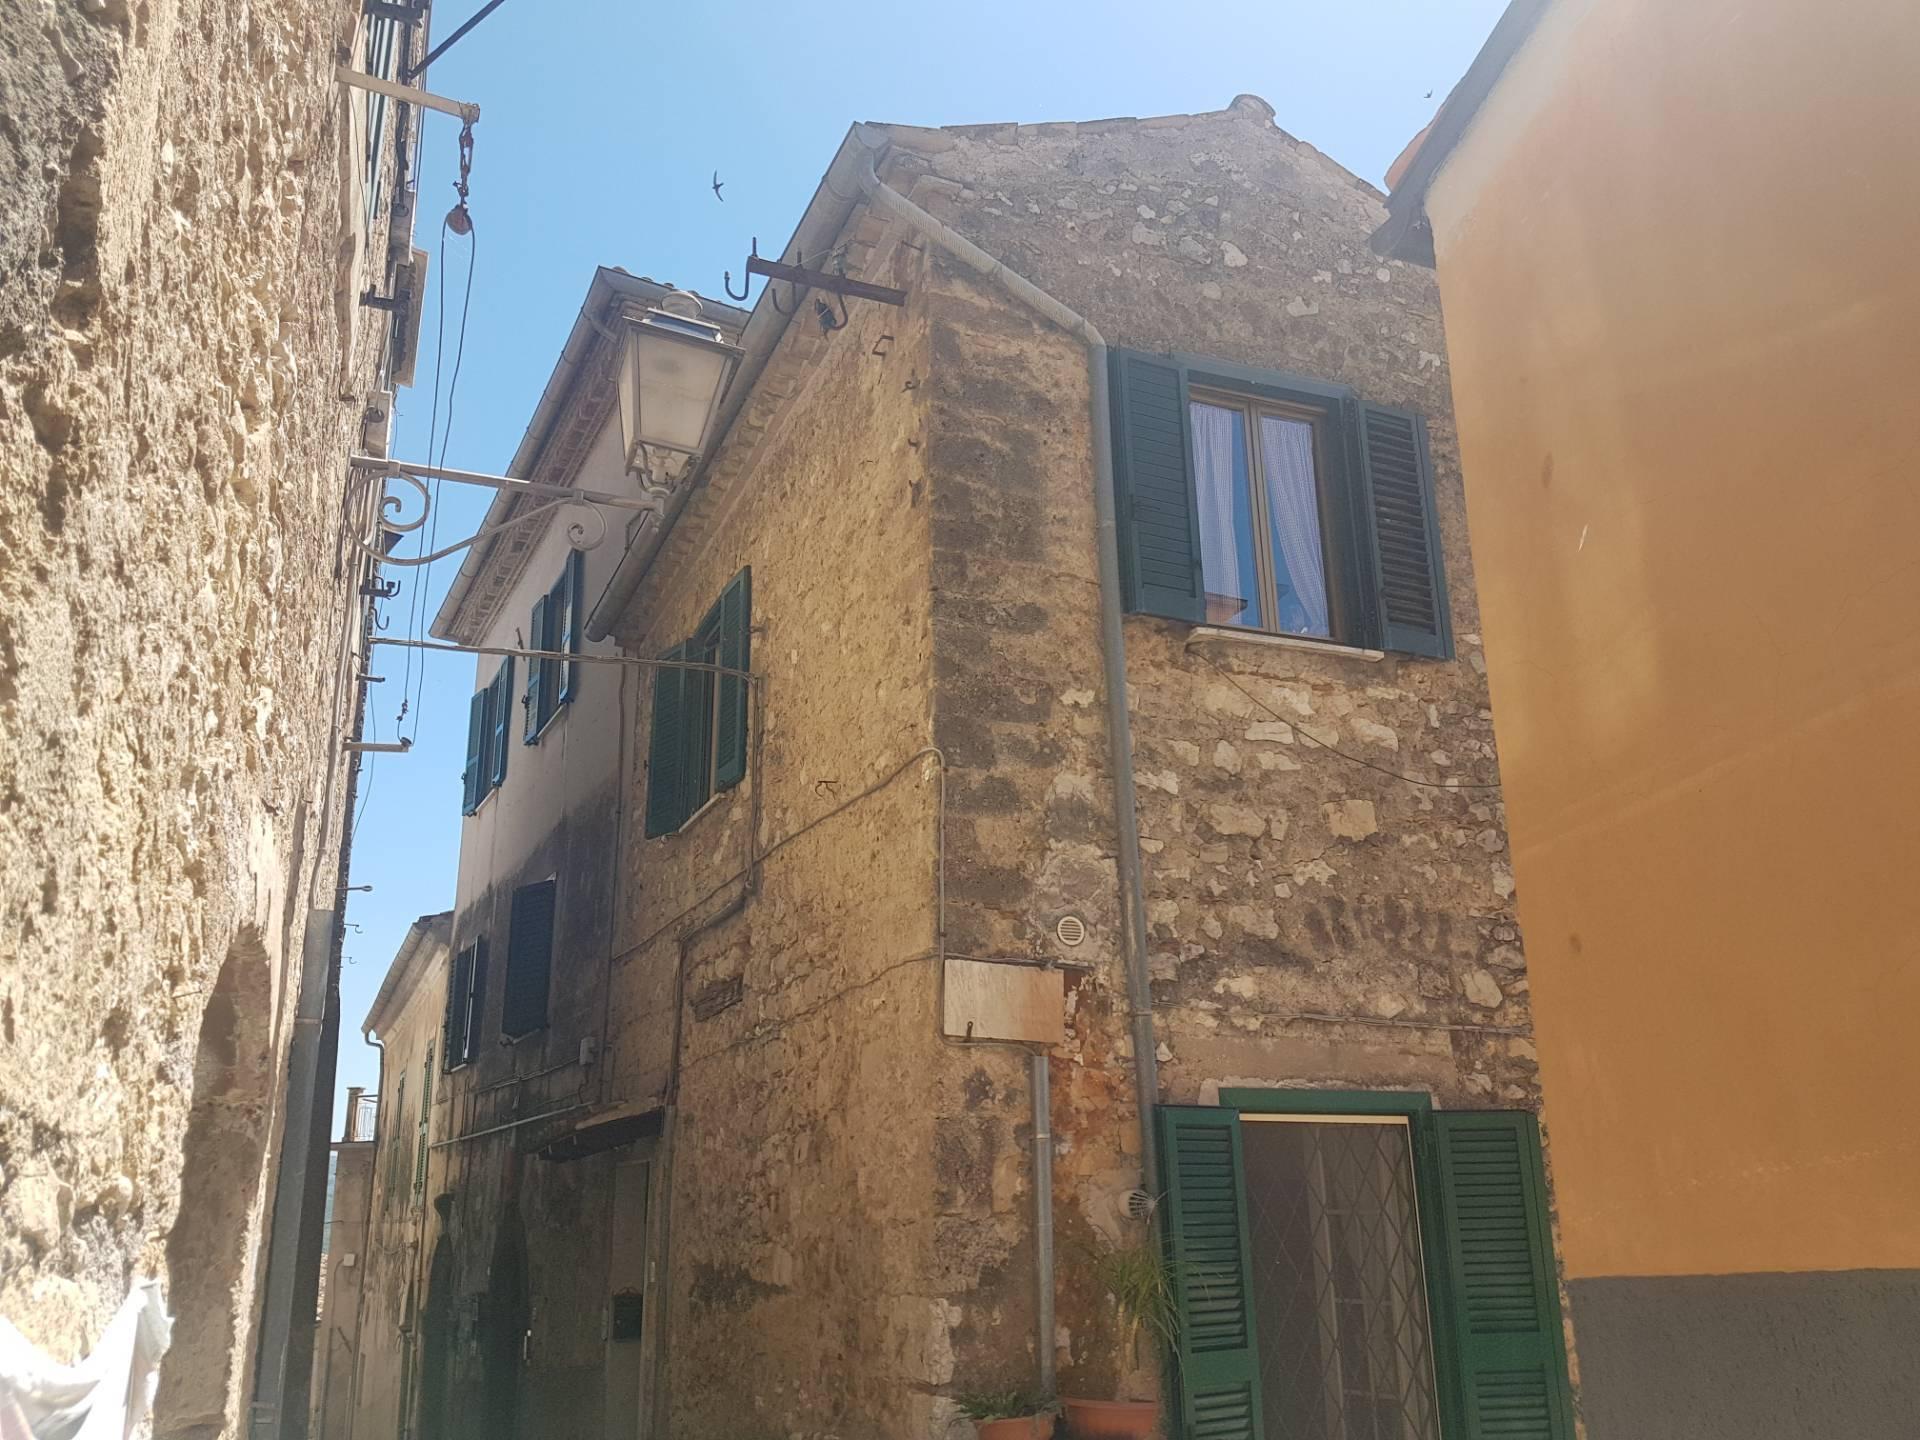 Attico / Mansarda in vendita a Monte San Giovanni Campano, 5 locali, prezzo € 49.000 | PortaleAgenzieImmobiliari.it